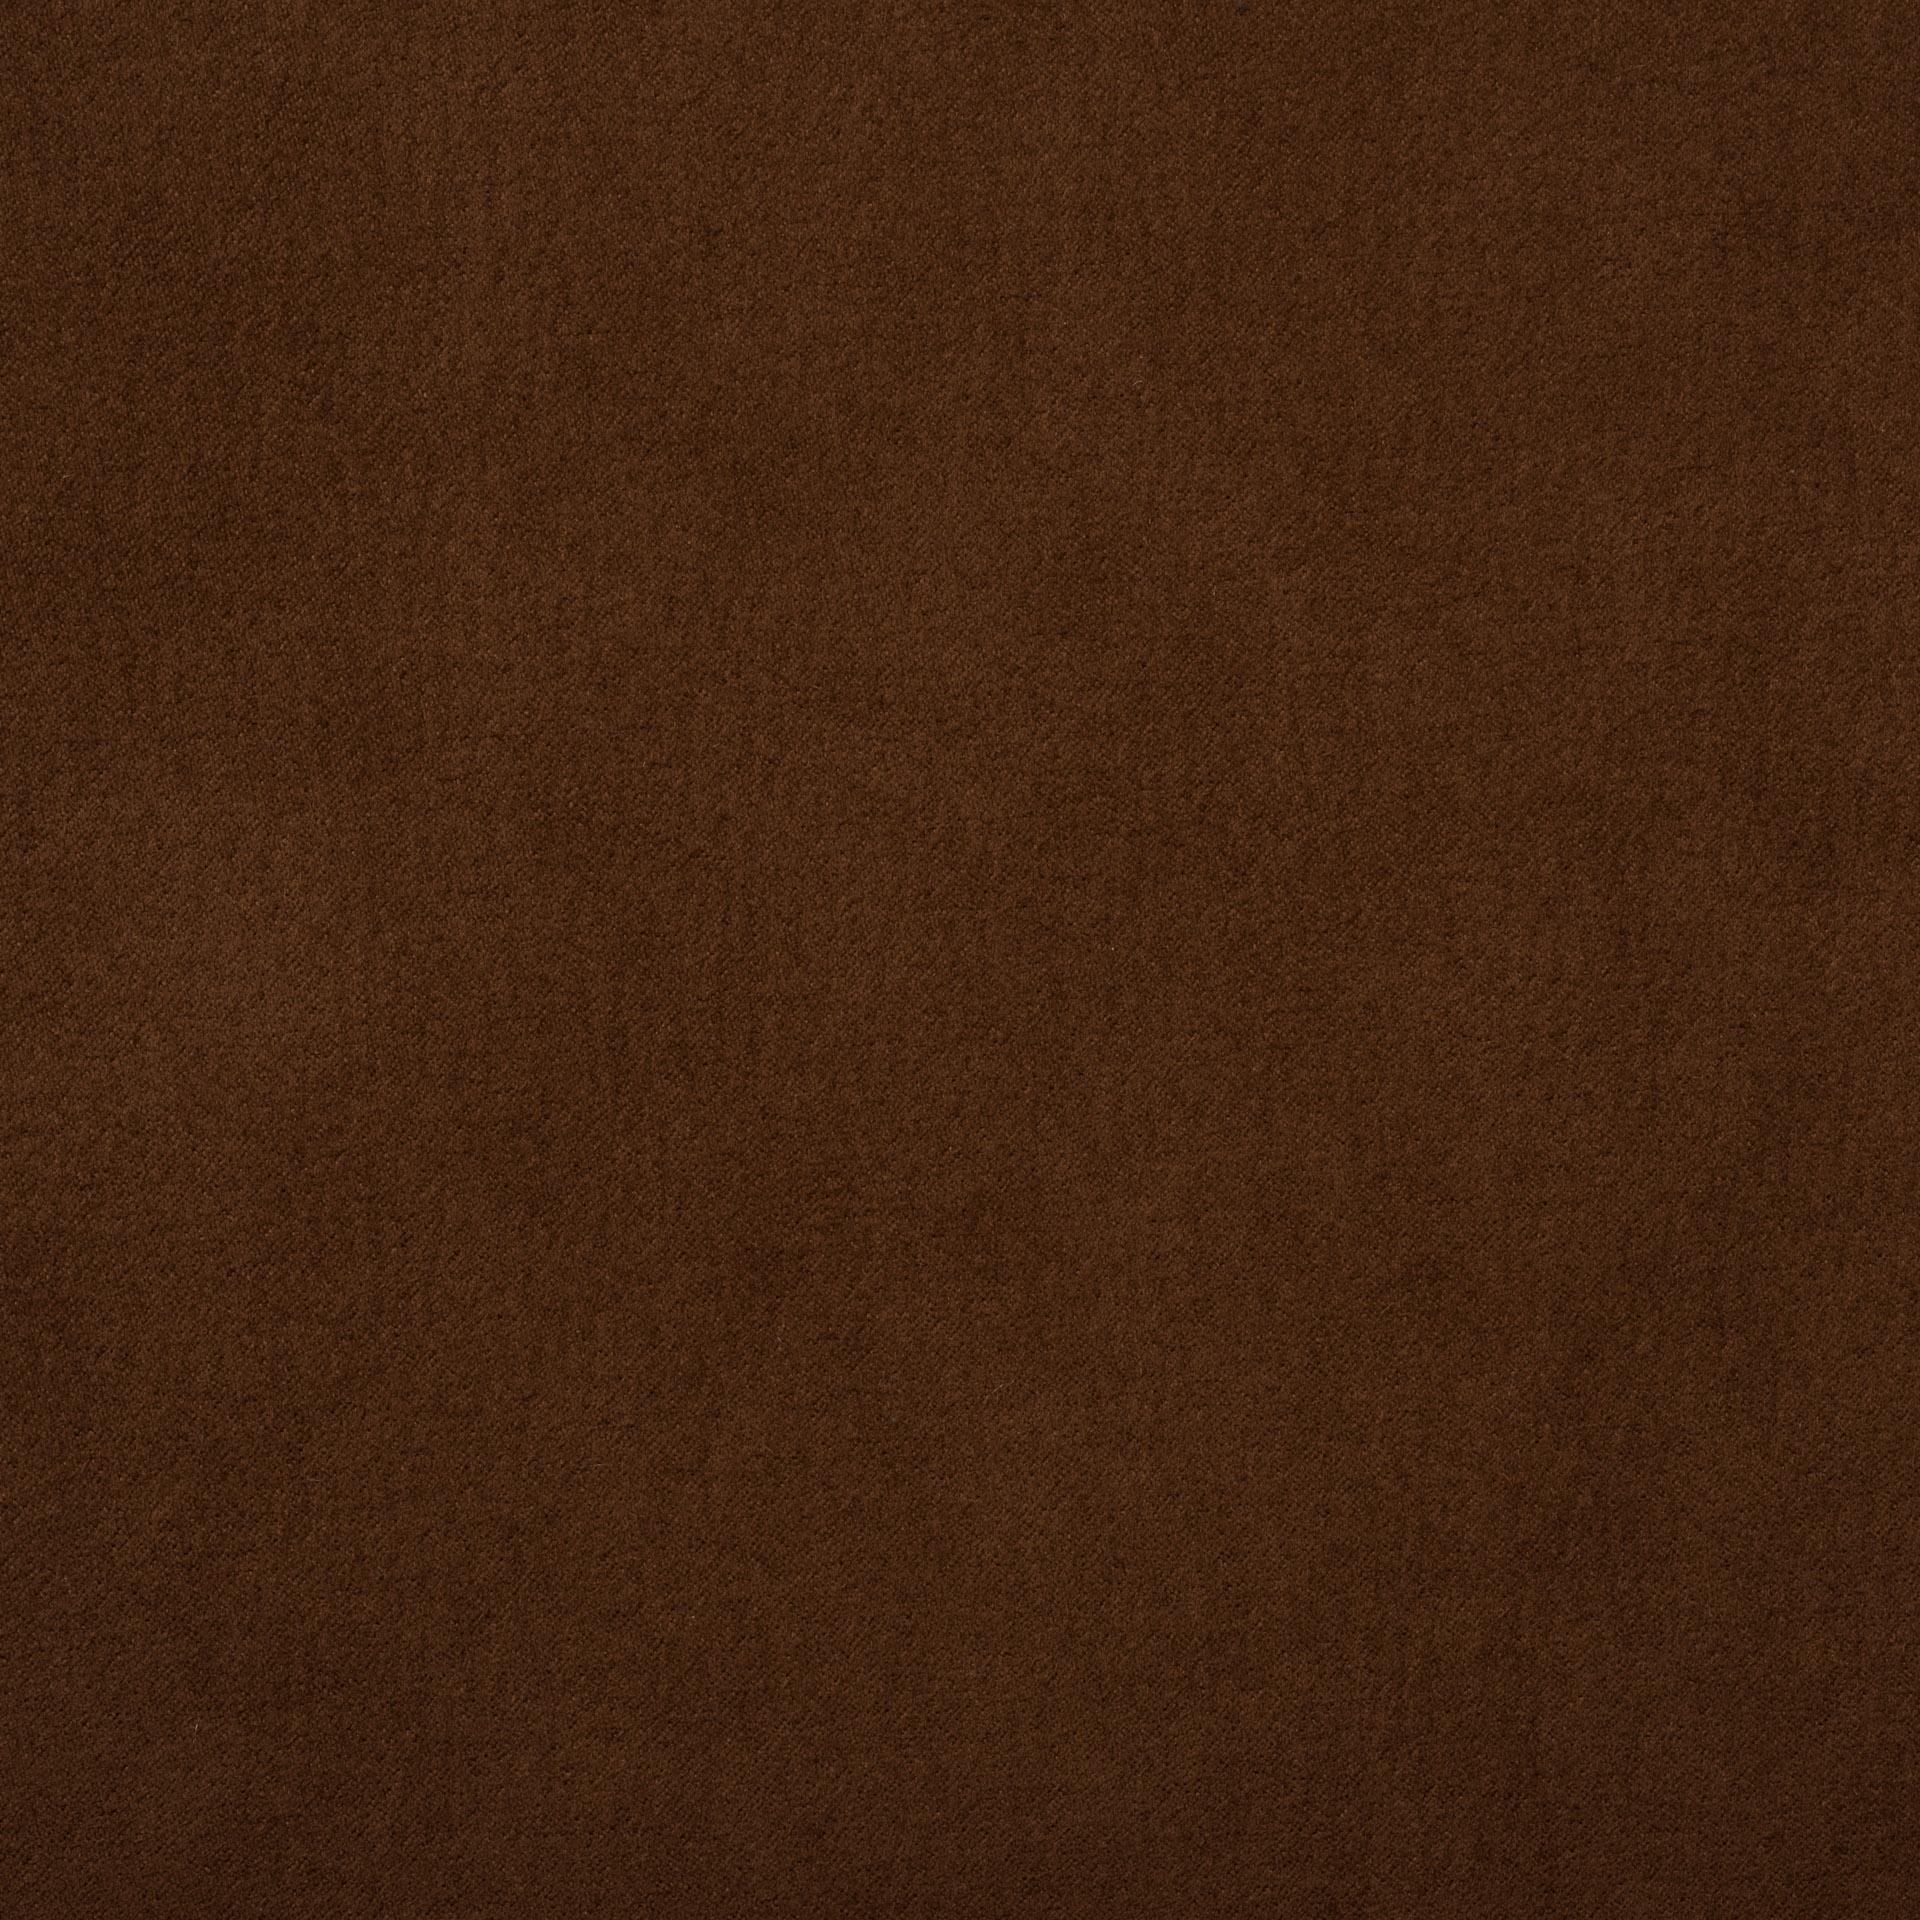 Коллекция ткани Нубук 03 BEAR,  купить ткань Велюр для мебели Украина